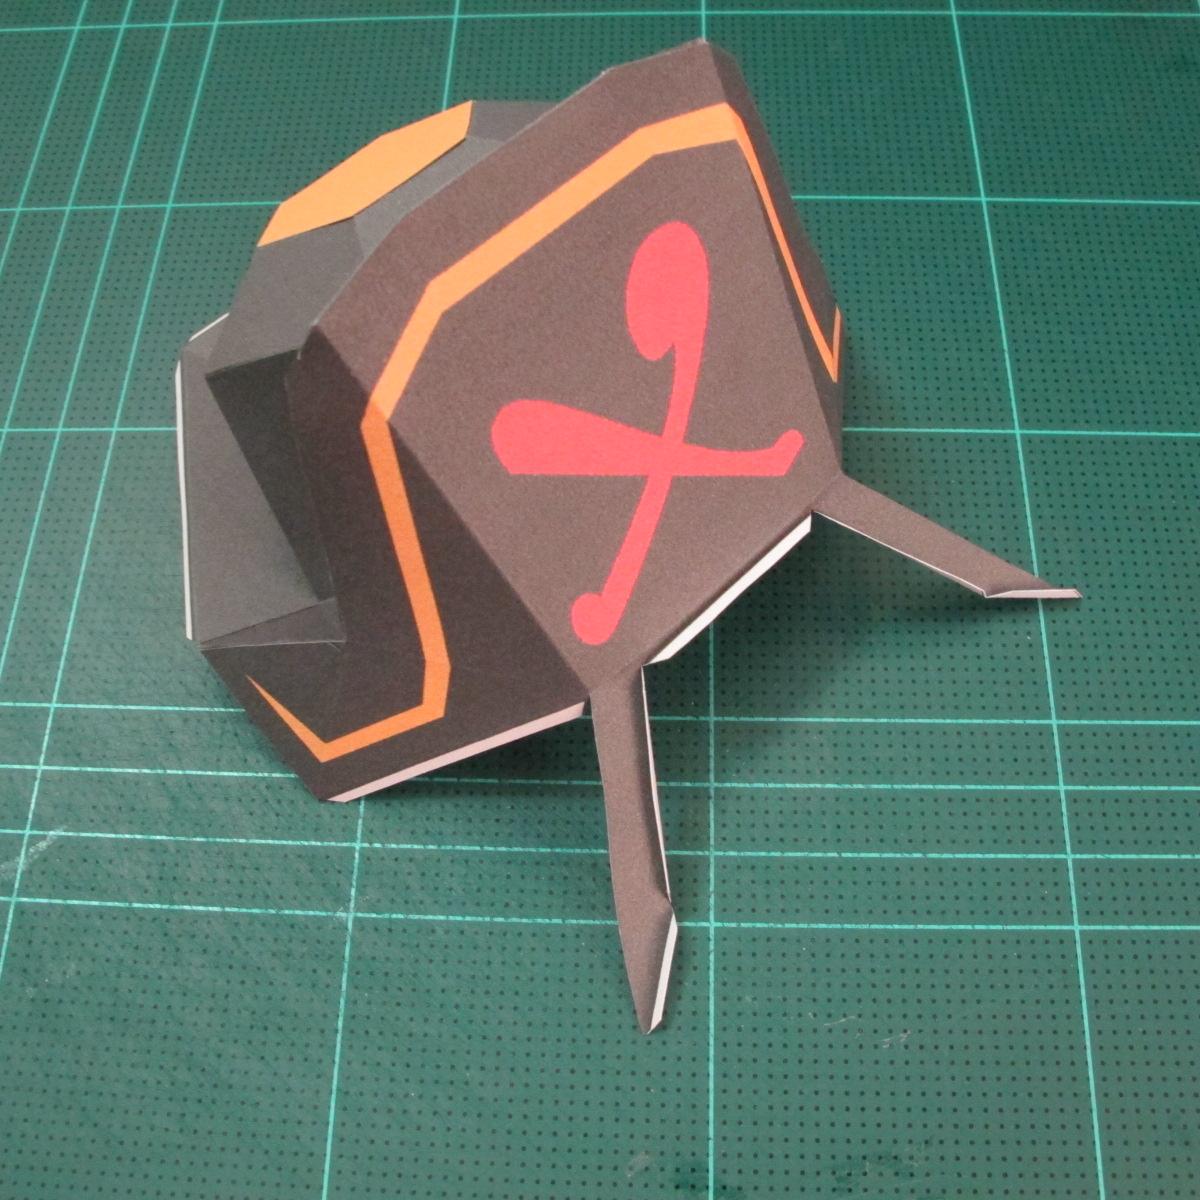 วิธีทำโมเดลกระดาษคุกกี้รัน คุกกี้รสโจรสลัด (Cookie Run Pirate Cookie Papercraft Model) 001